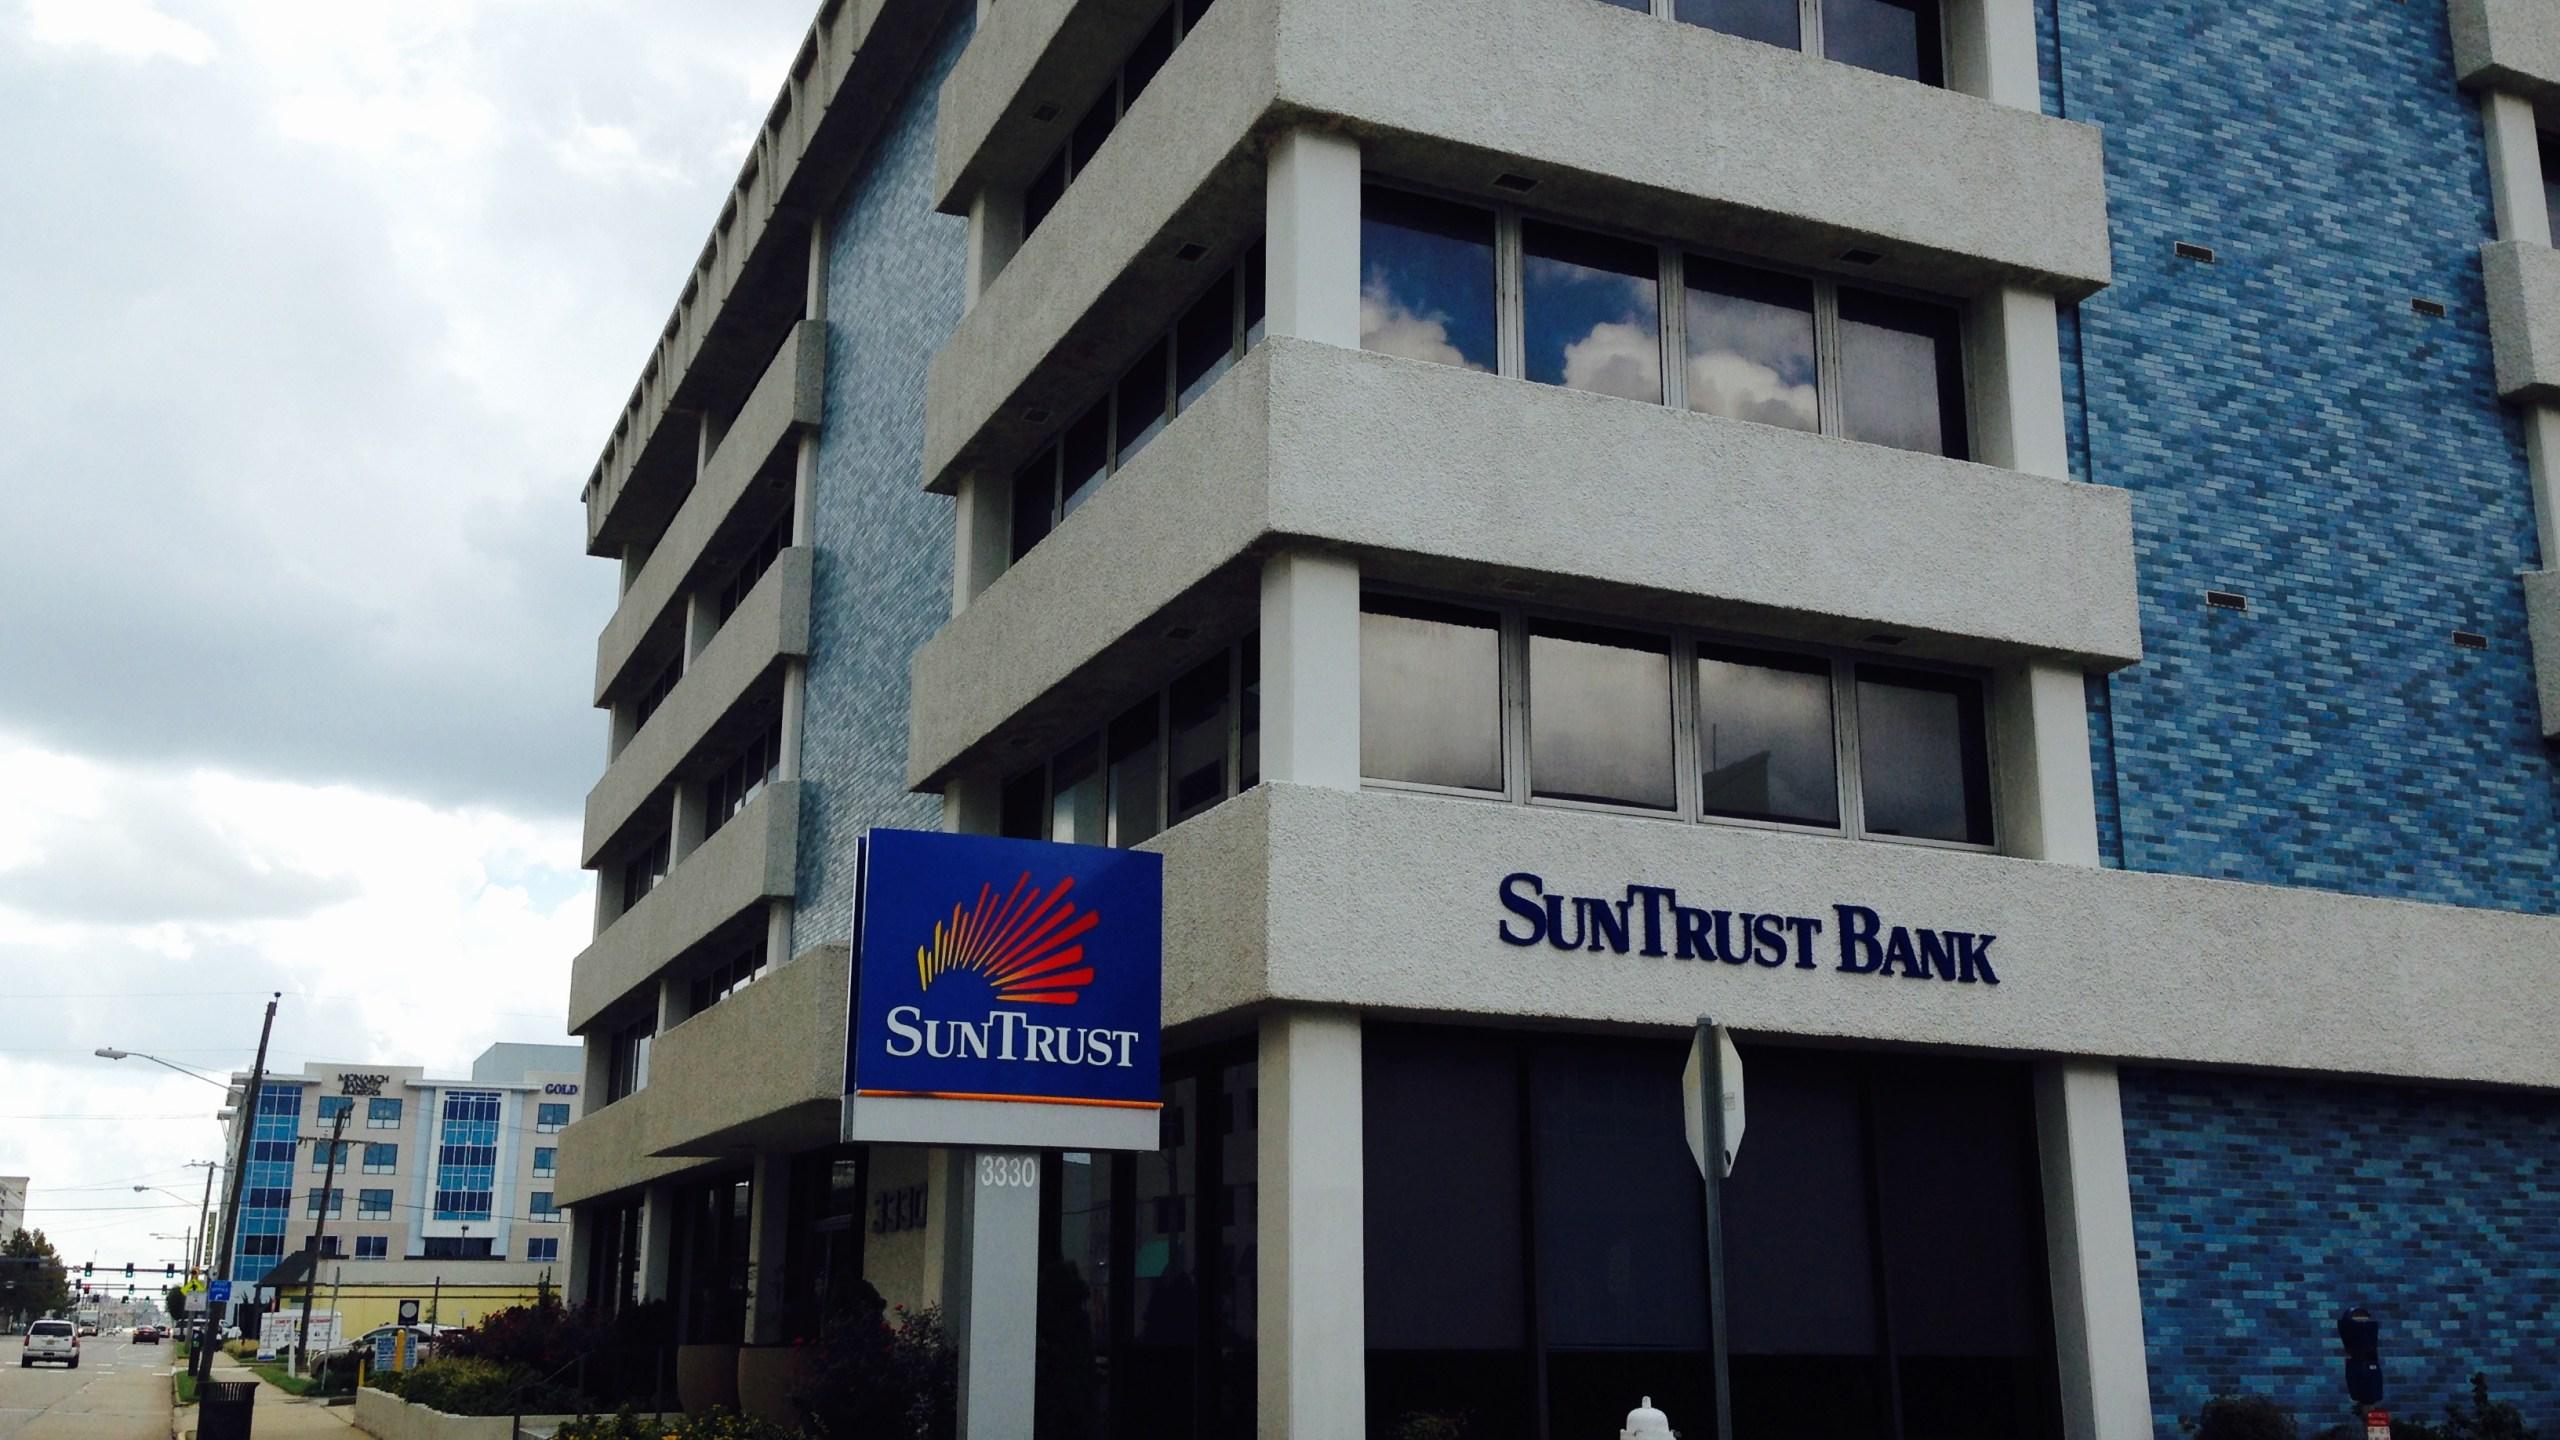 Suntrust bank_185173